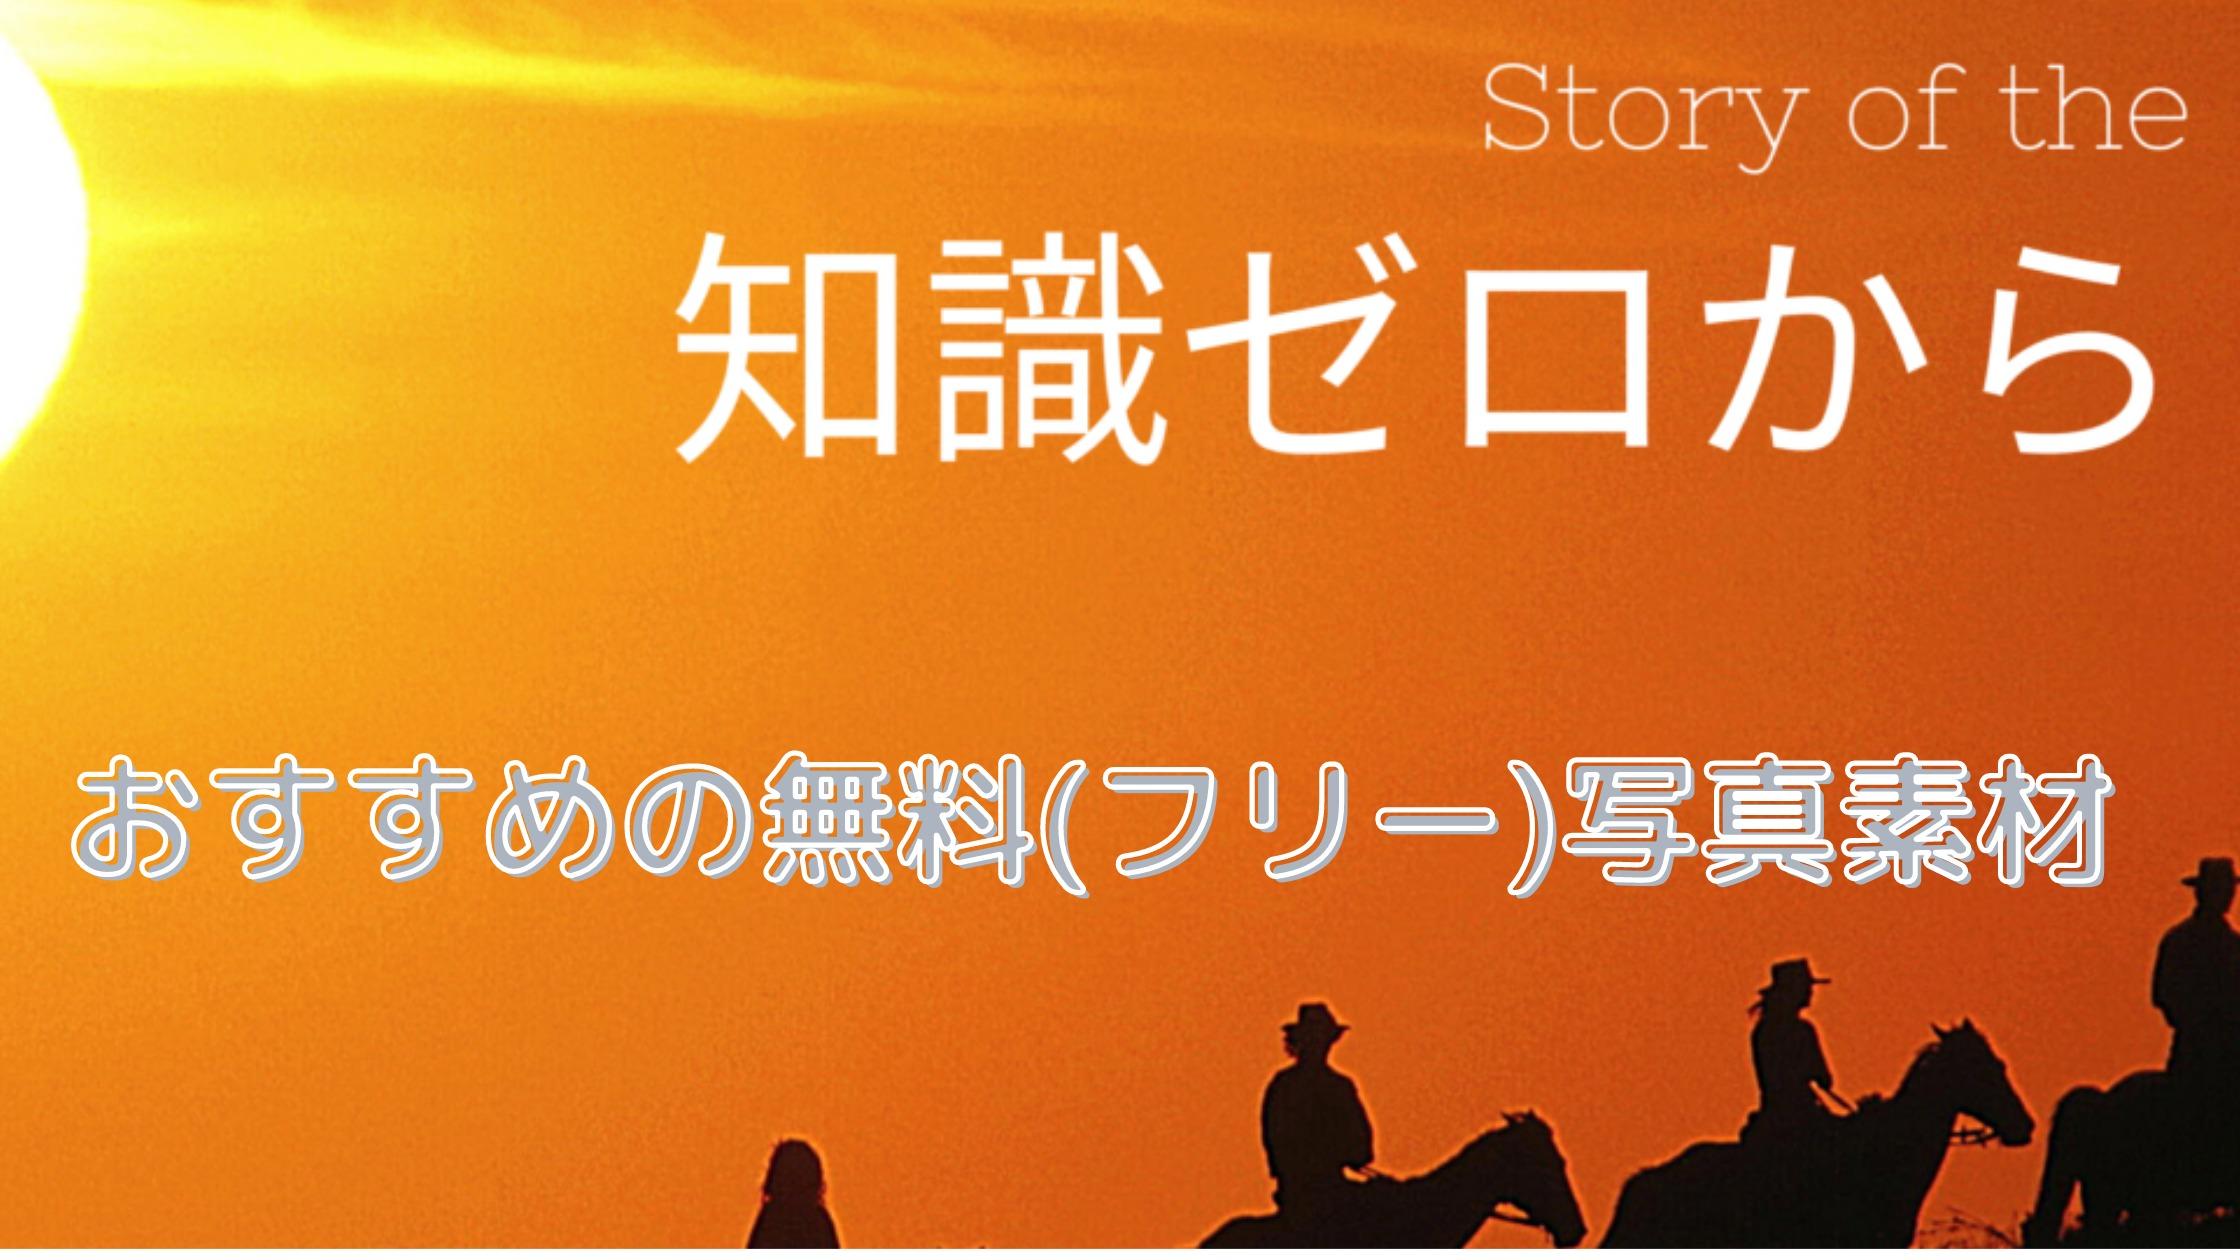 おすすめの無料(フリー)写真素材サービスサイト【ブログ初心者】